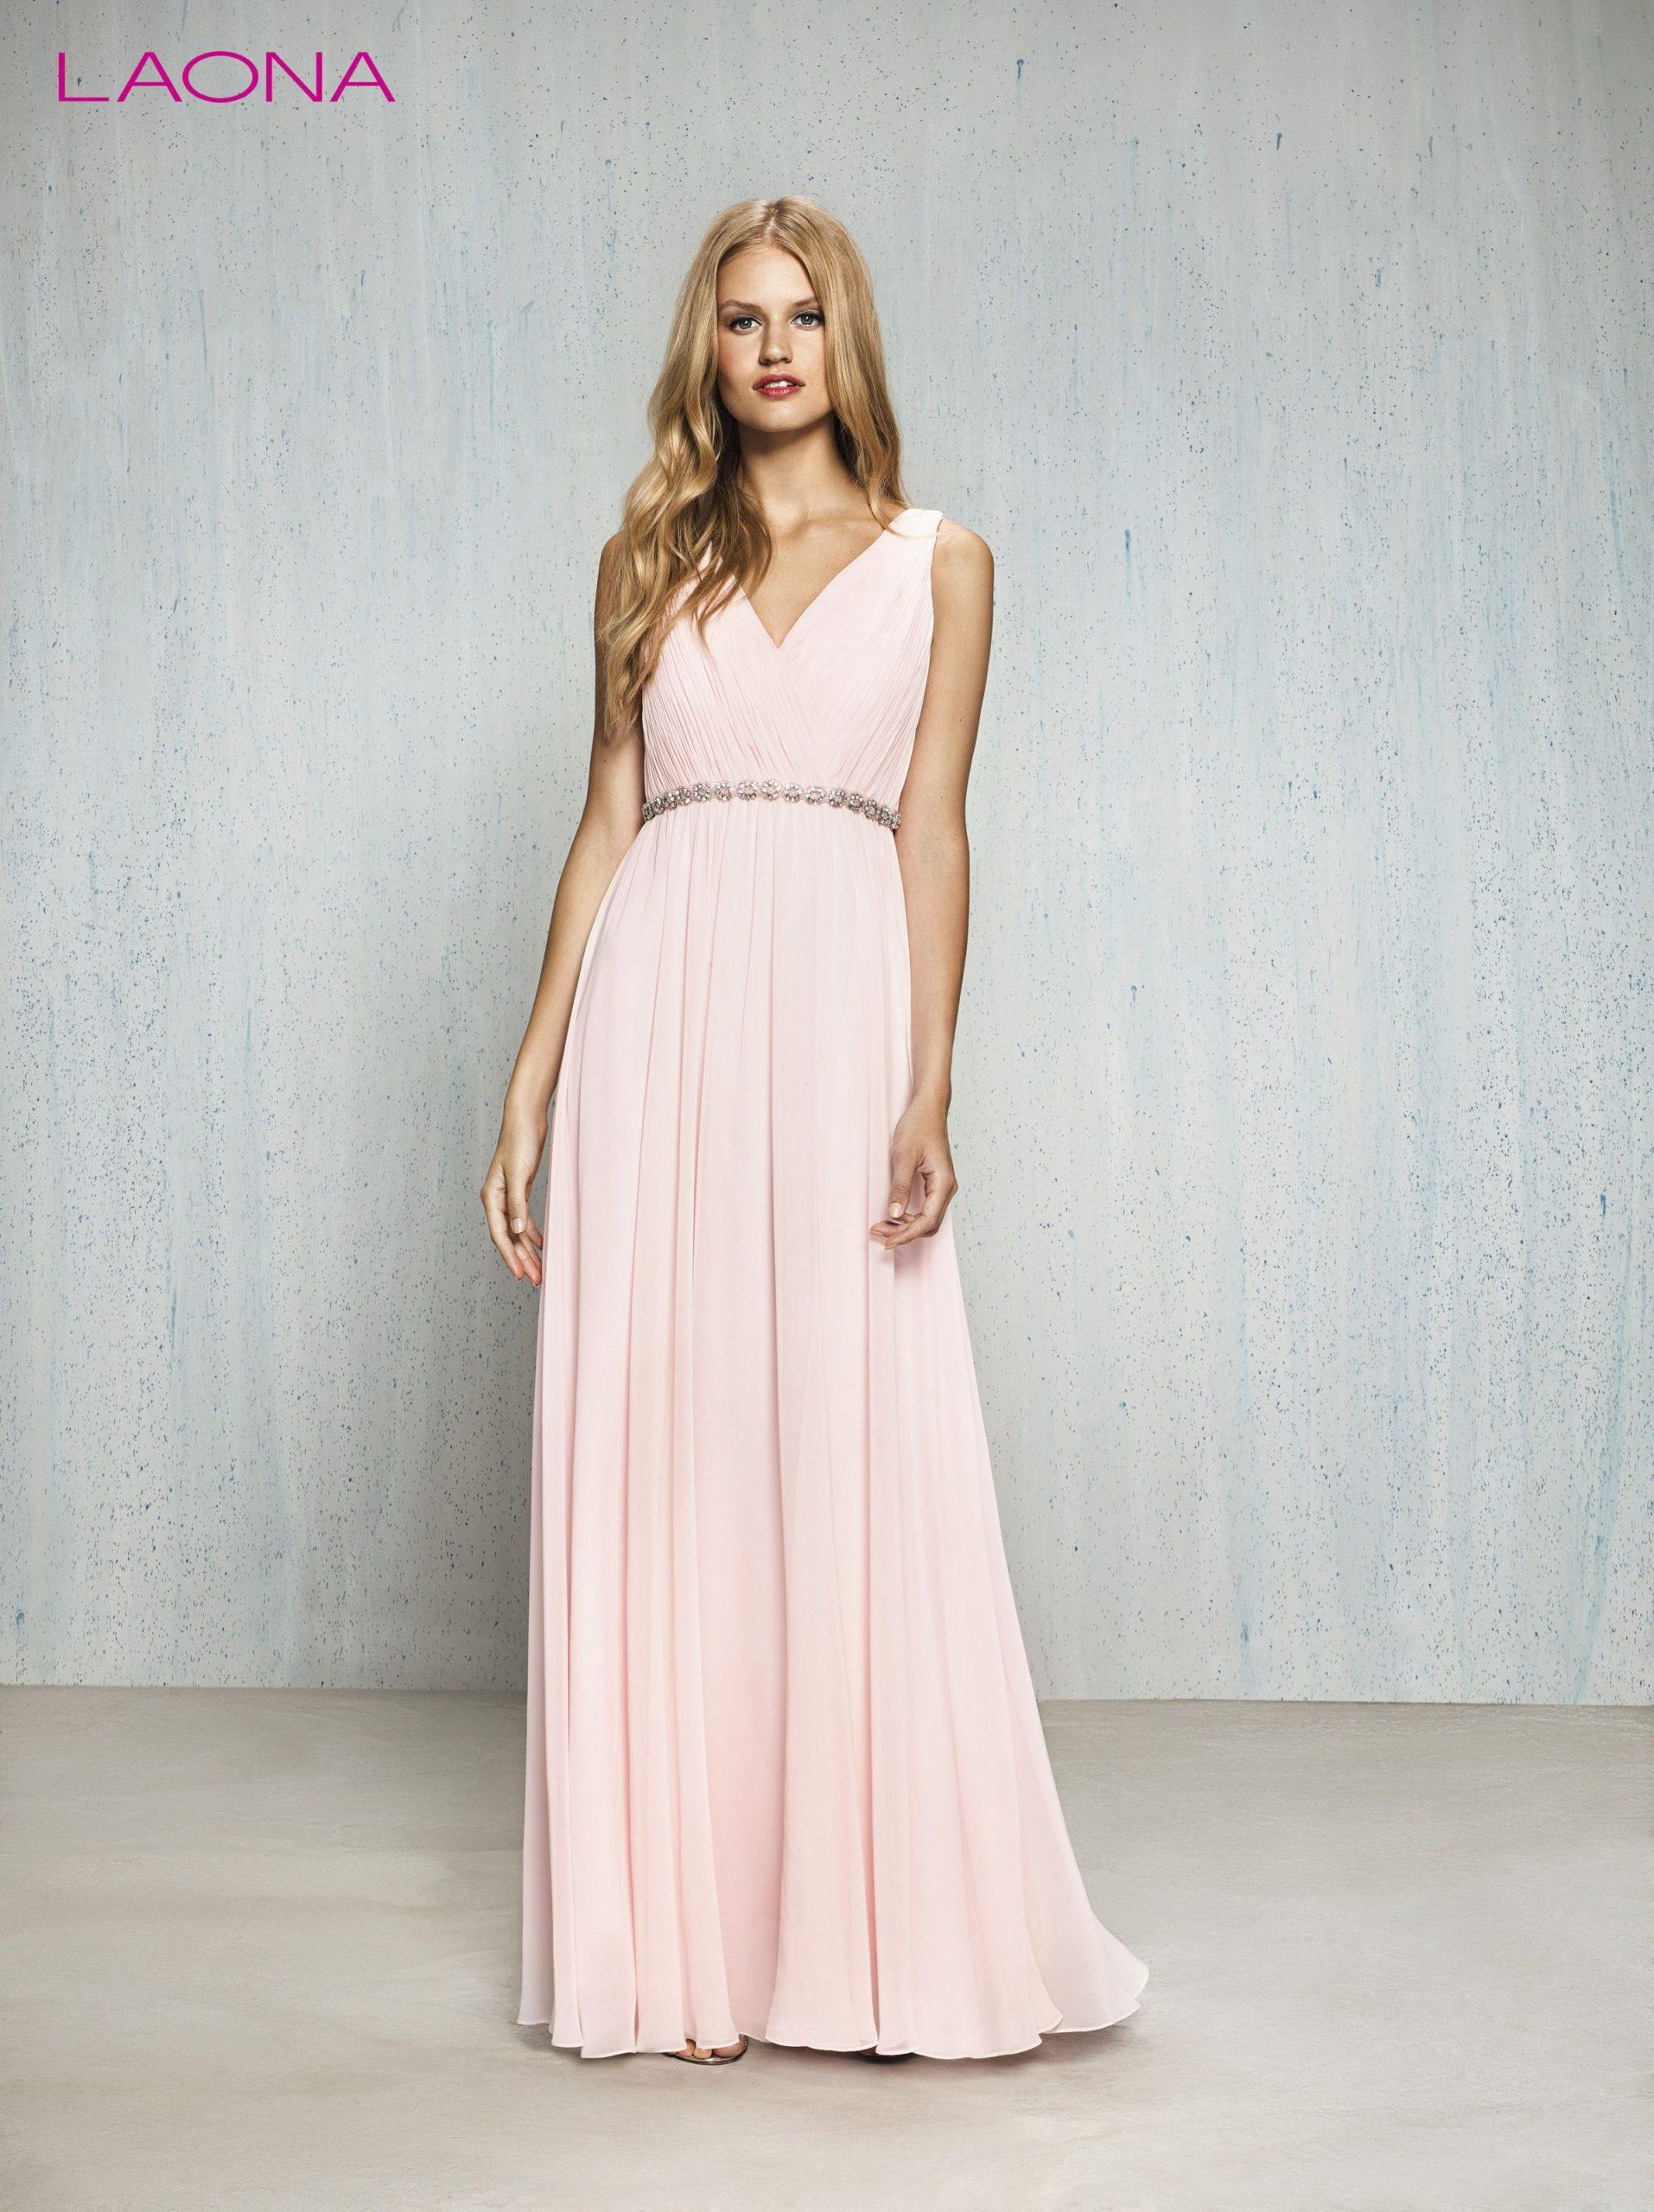 Zartes Langes Abendkleid Von Laona Pastellfarben Rosa